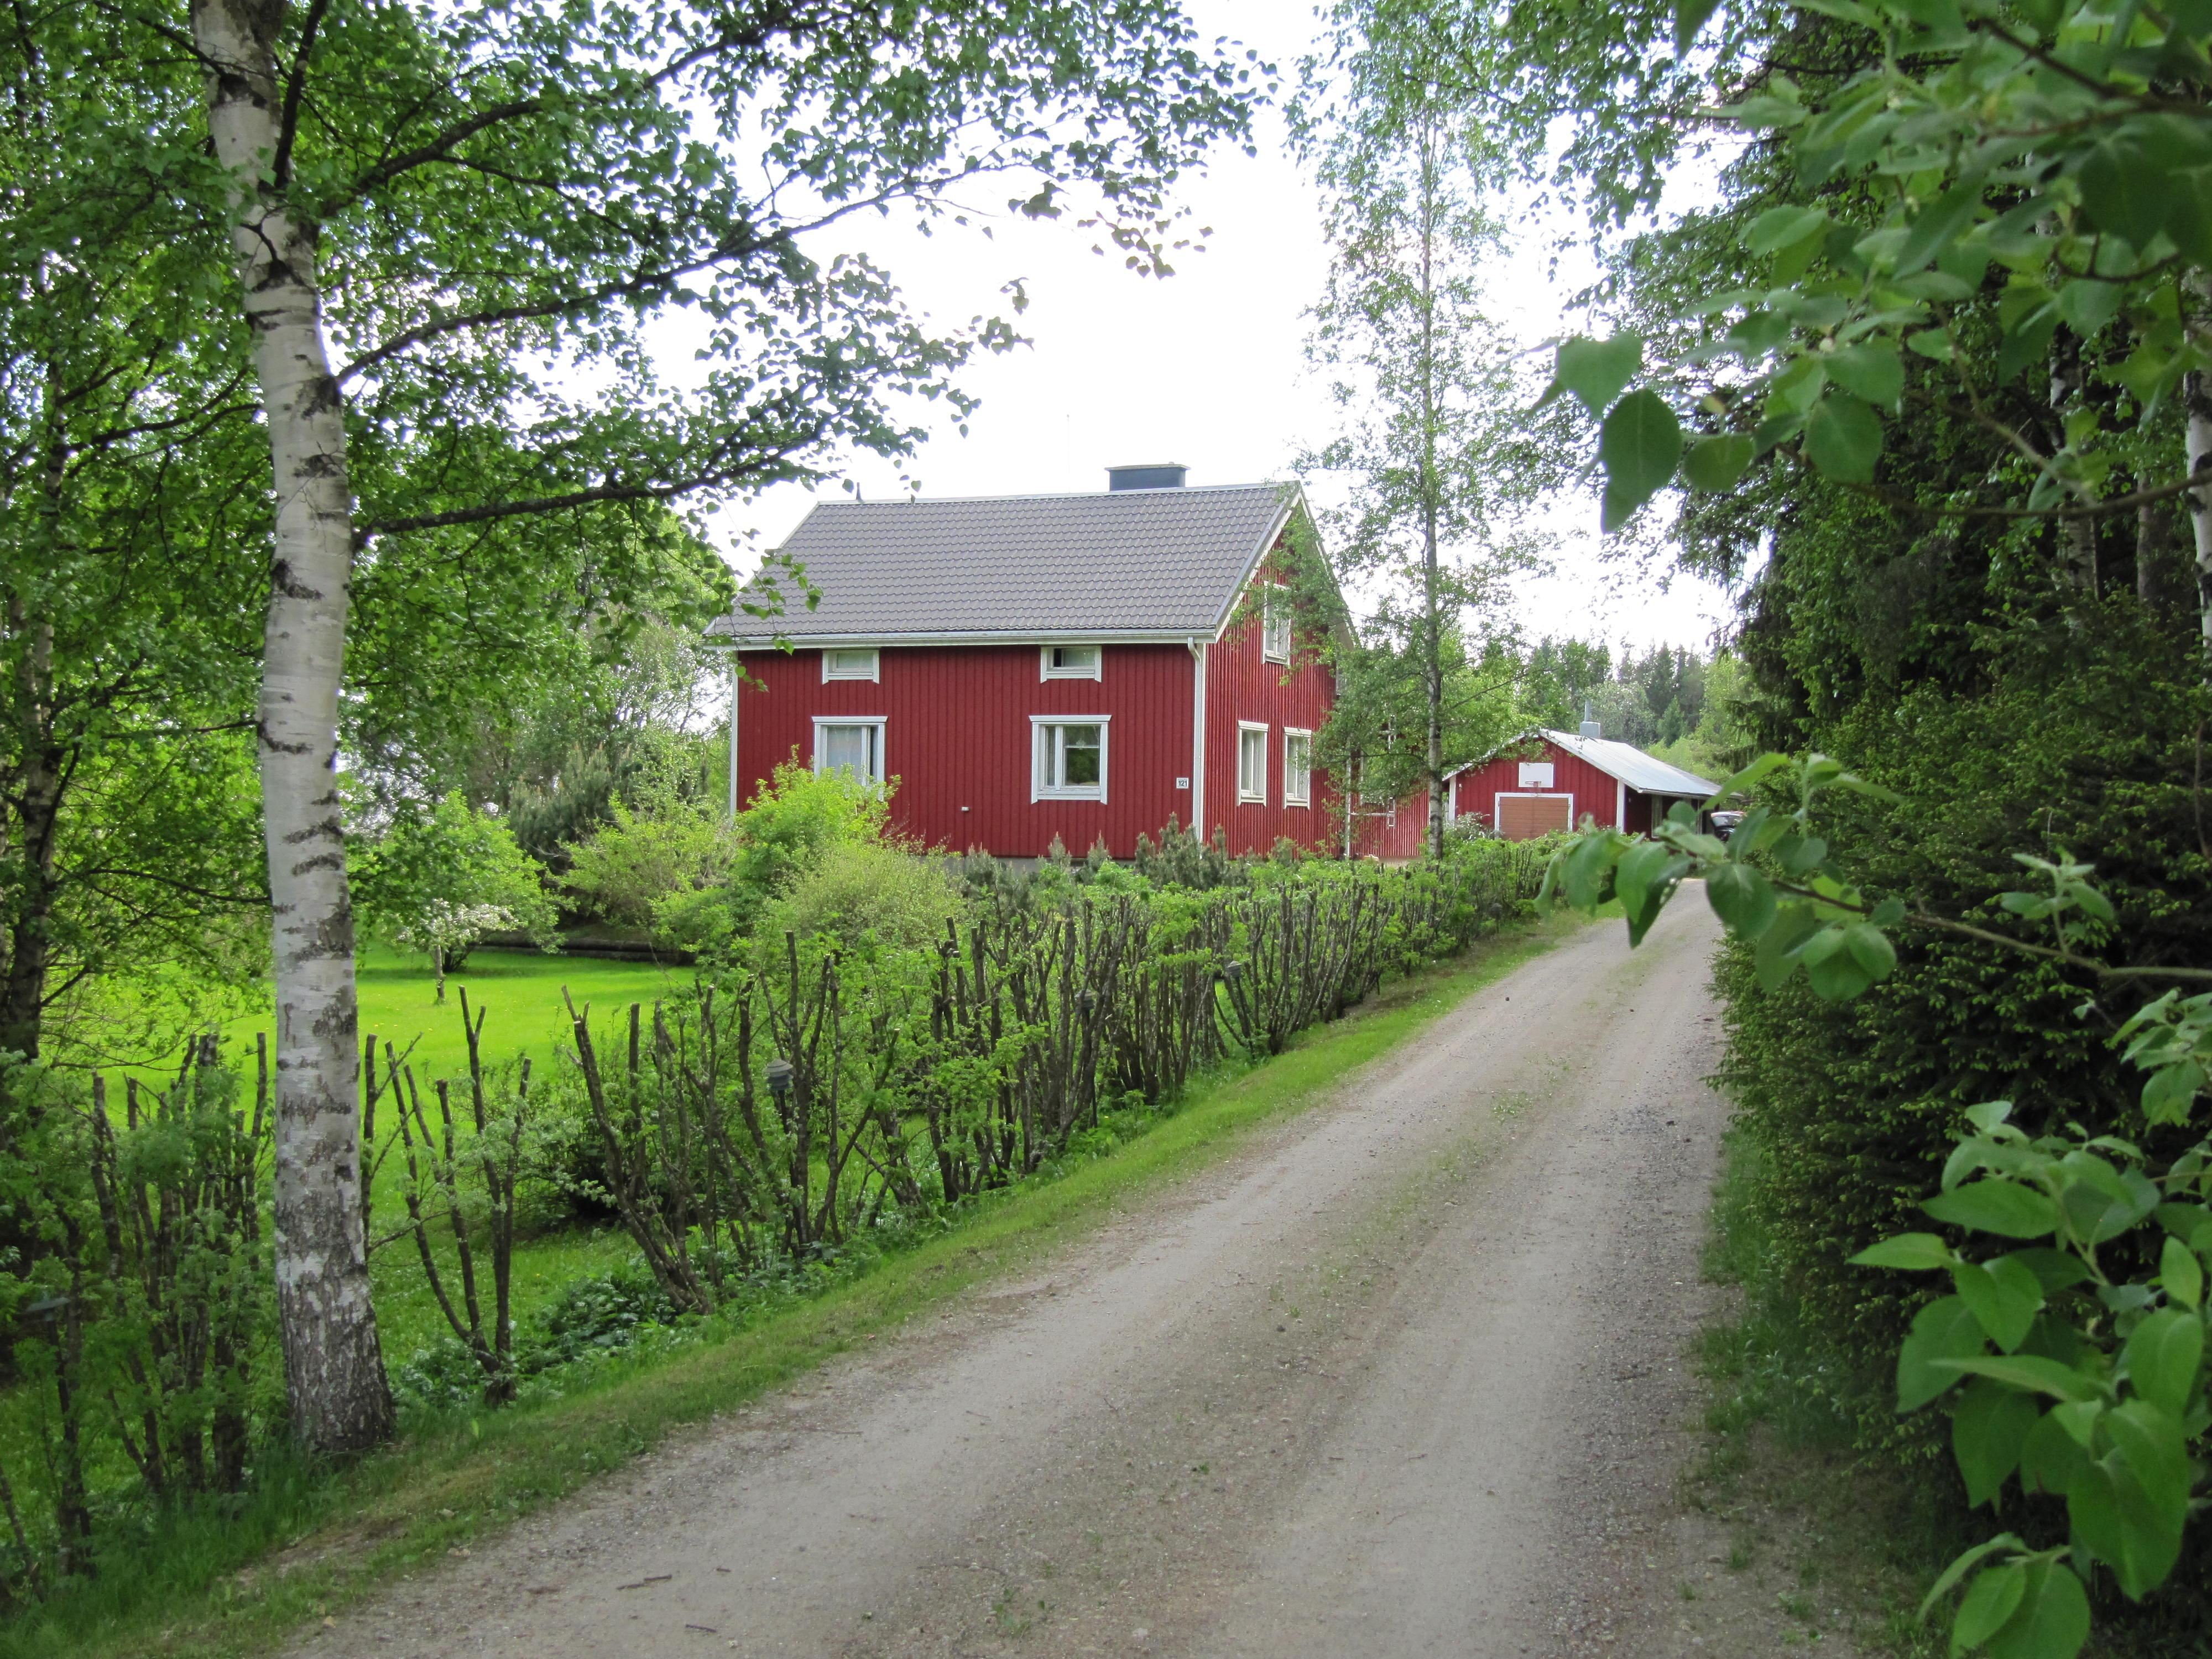 Lillgäls gård fotograferad från landsvägen, alltså från norr.